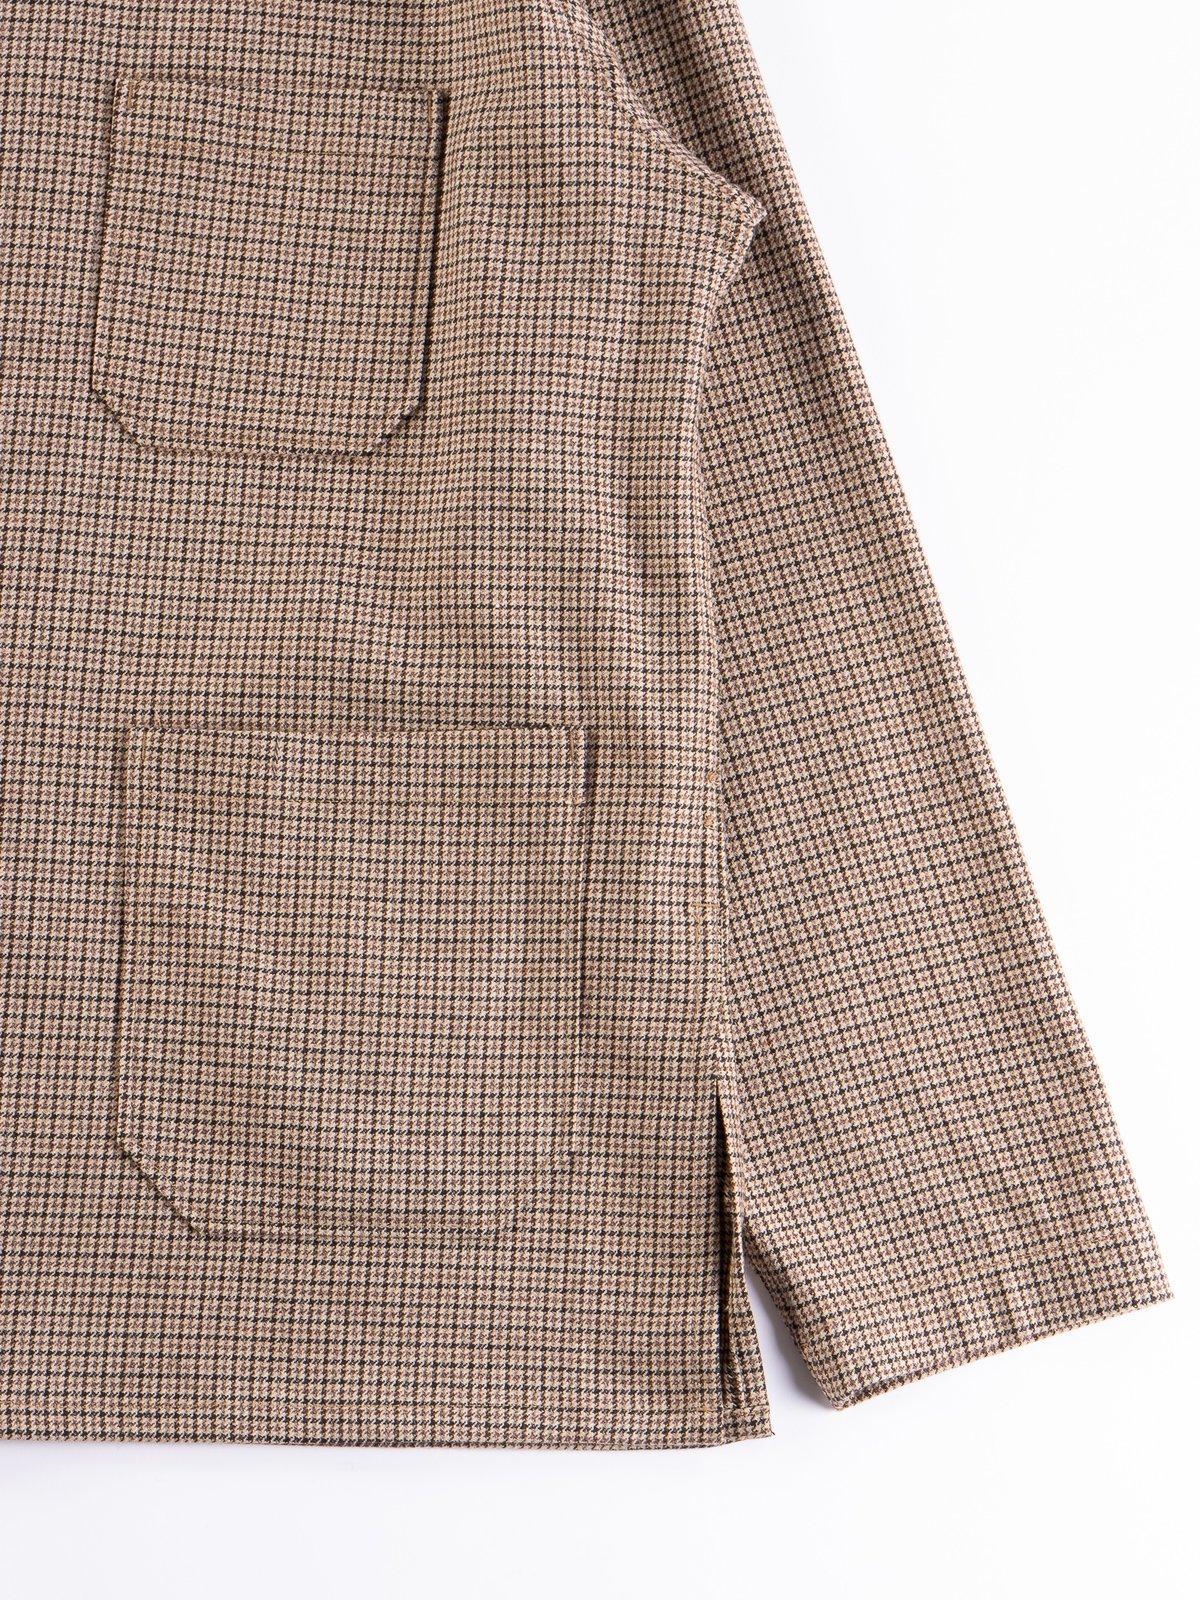 Brown Wool Poly Gunclub Dayton Shirt - Image 4